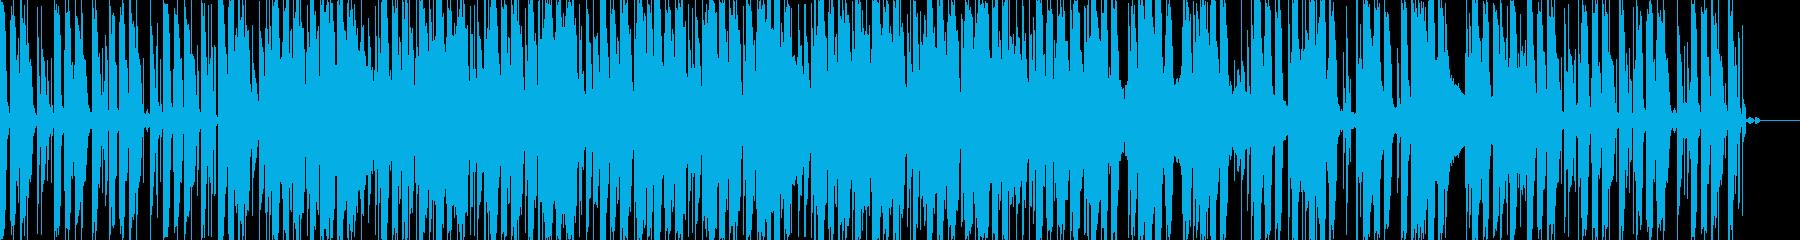 BGMとして使えるミステリアスEDMの再生済みの波形